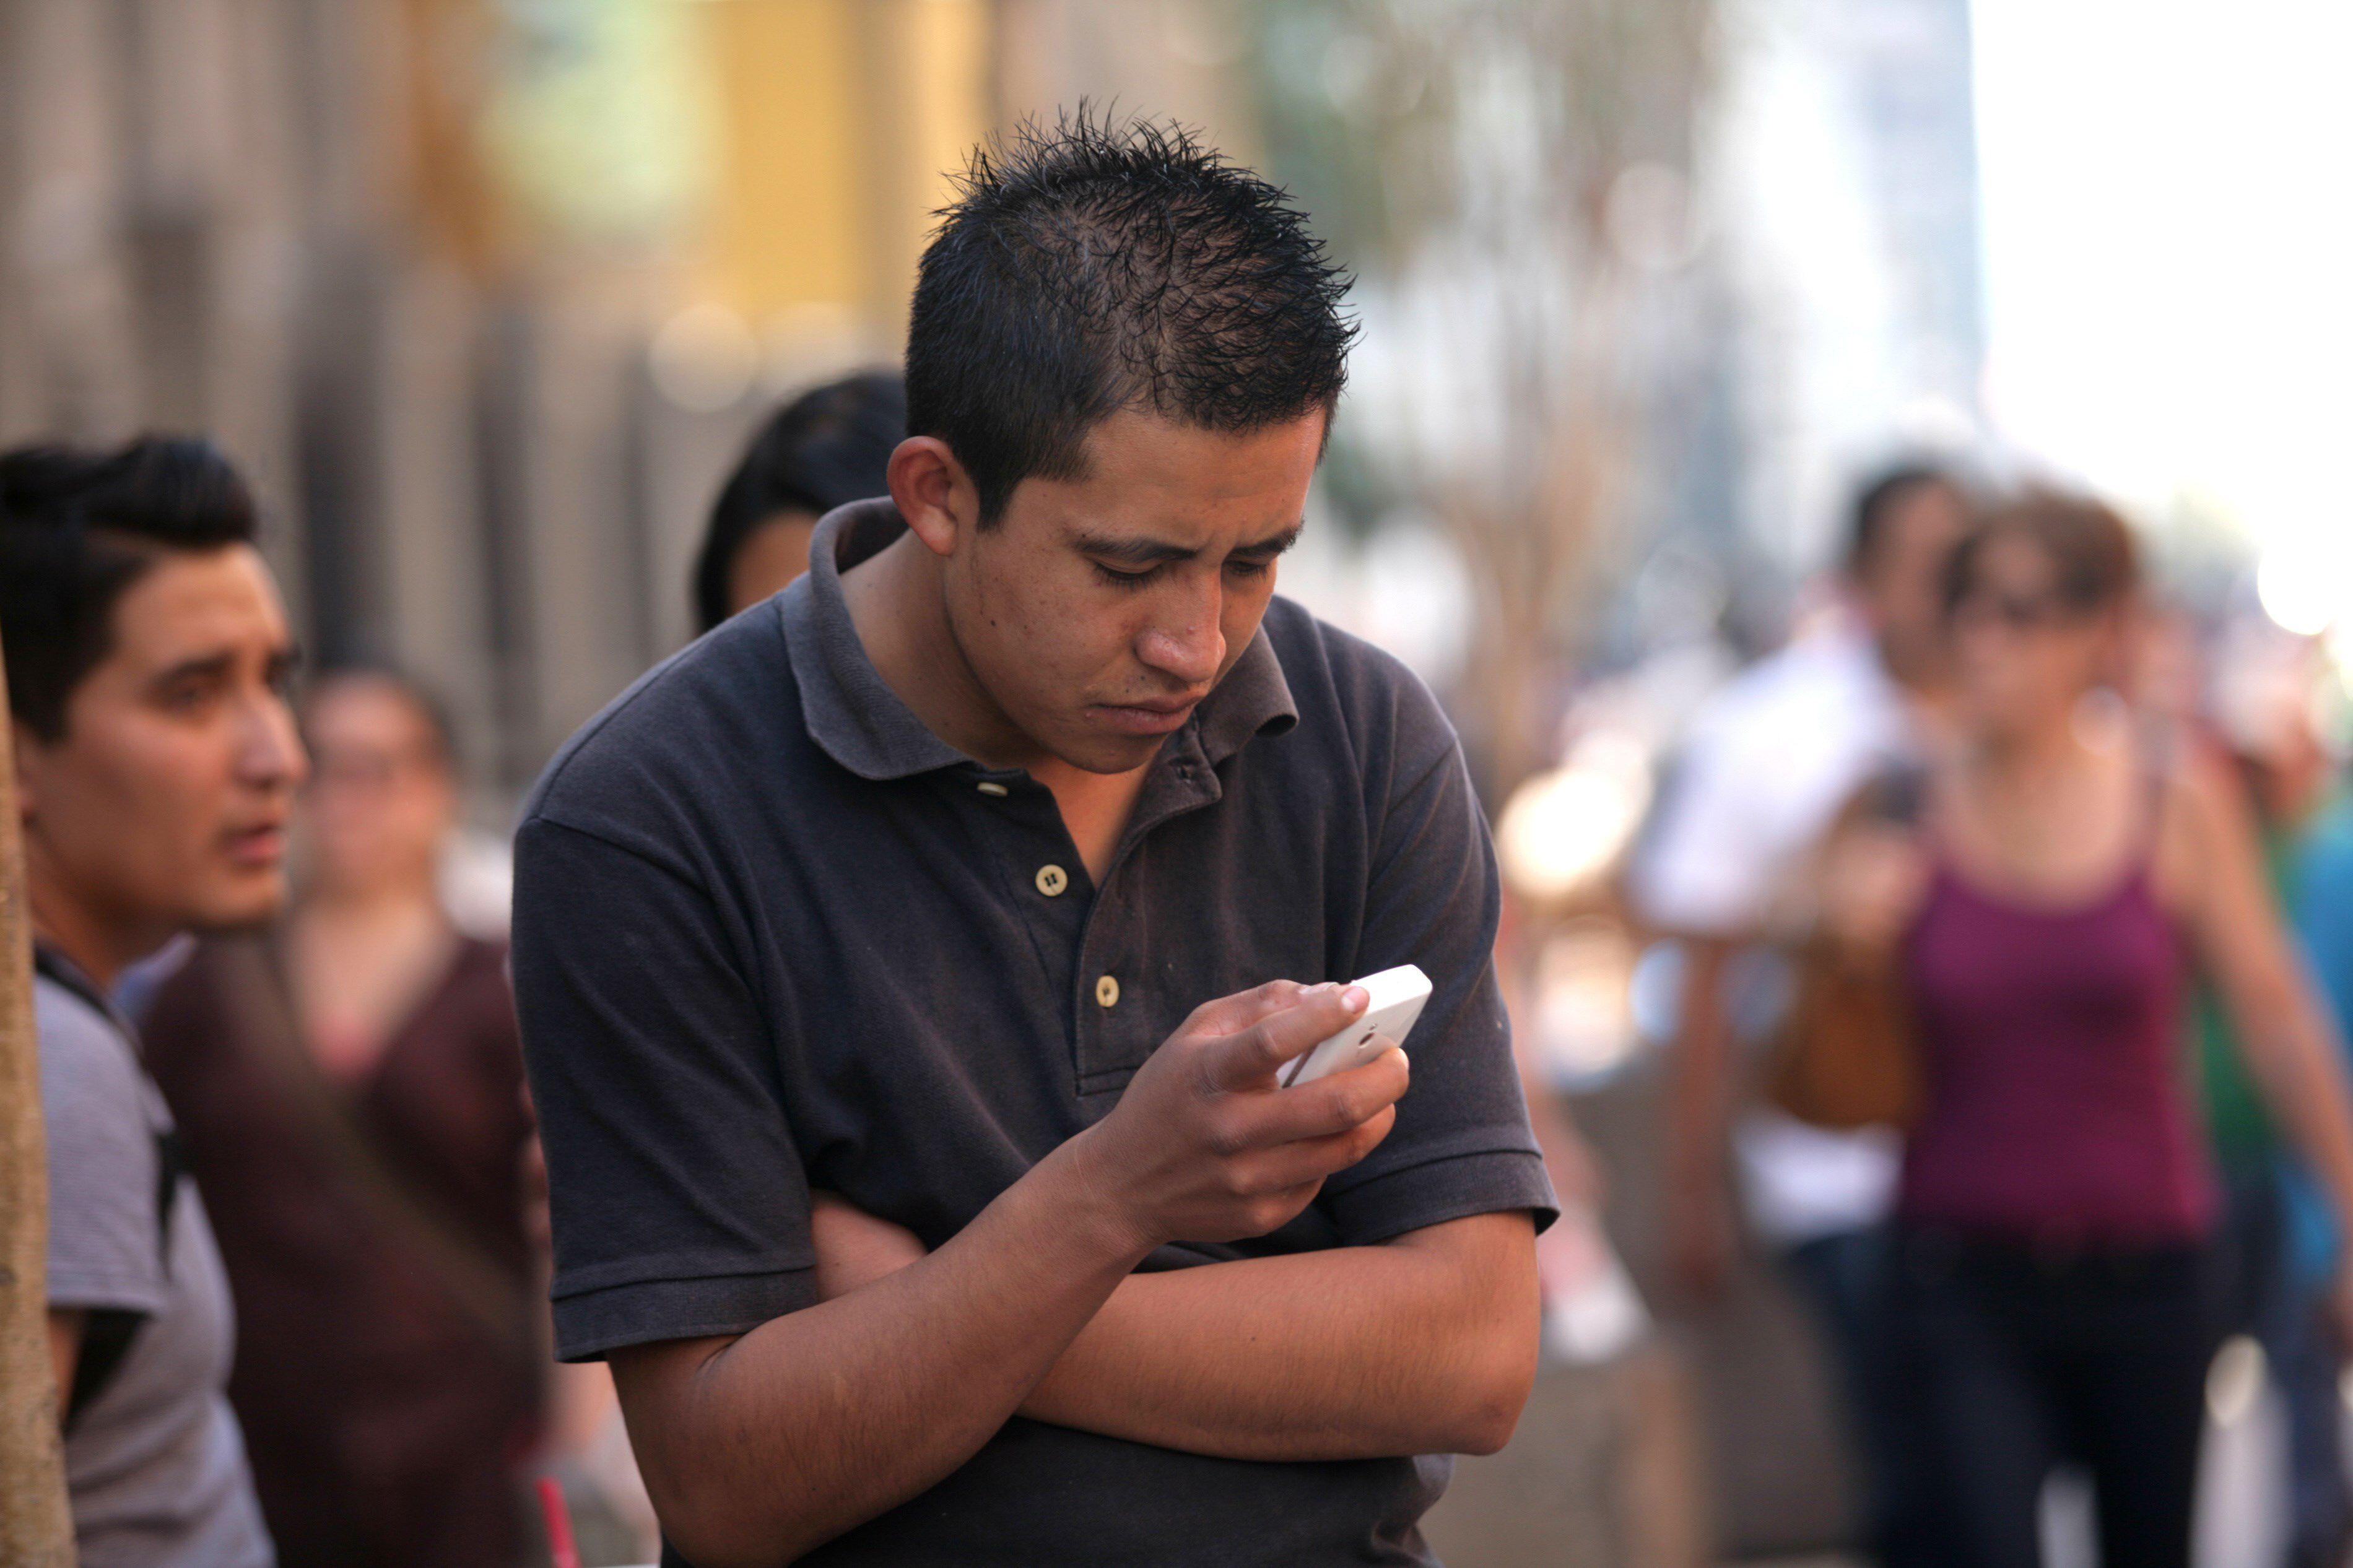 La población joven en México es cada vez menor (Foto: EFE / Sáshenka Gutiérrez)